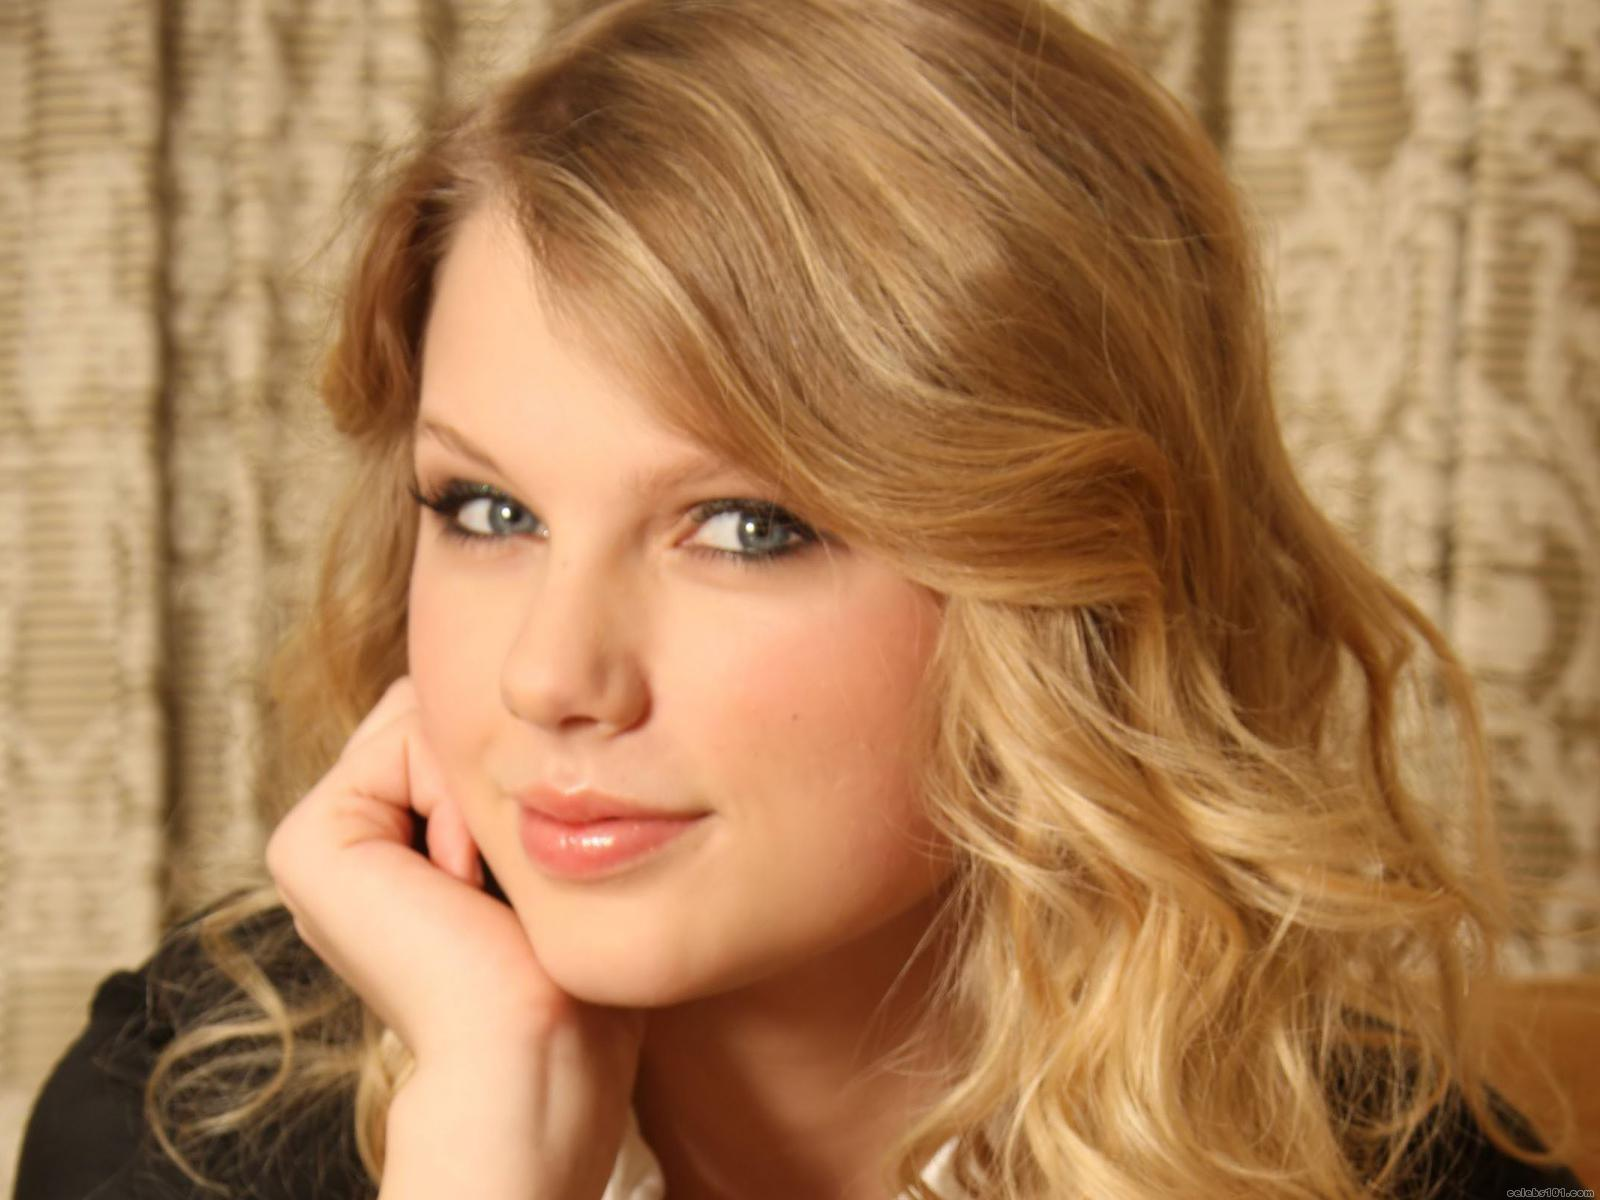 http://1.bp.blogspot.com/_a2OK6K7wE0Q/TTLJXzZ0bbI/AAAAAAAAADM/yezCq2Ou3Yk/s1600/Taylor_Swift_10.jpg